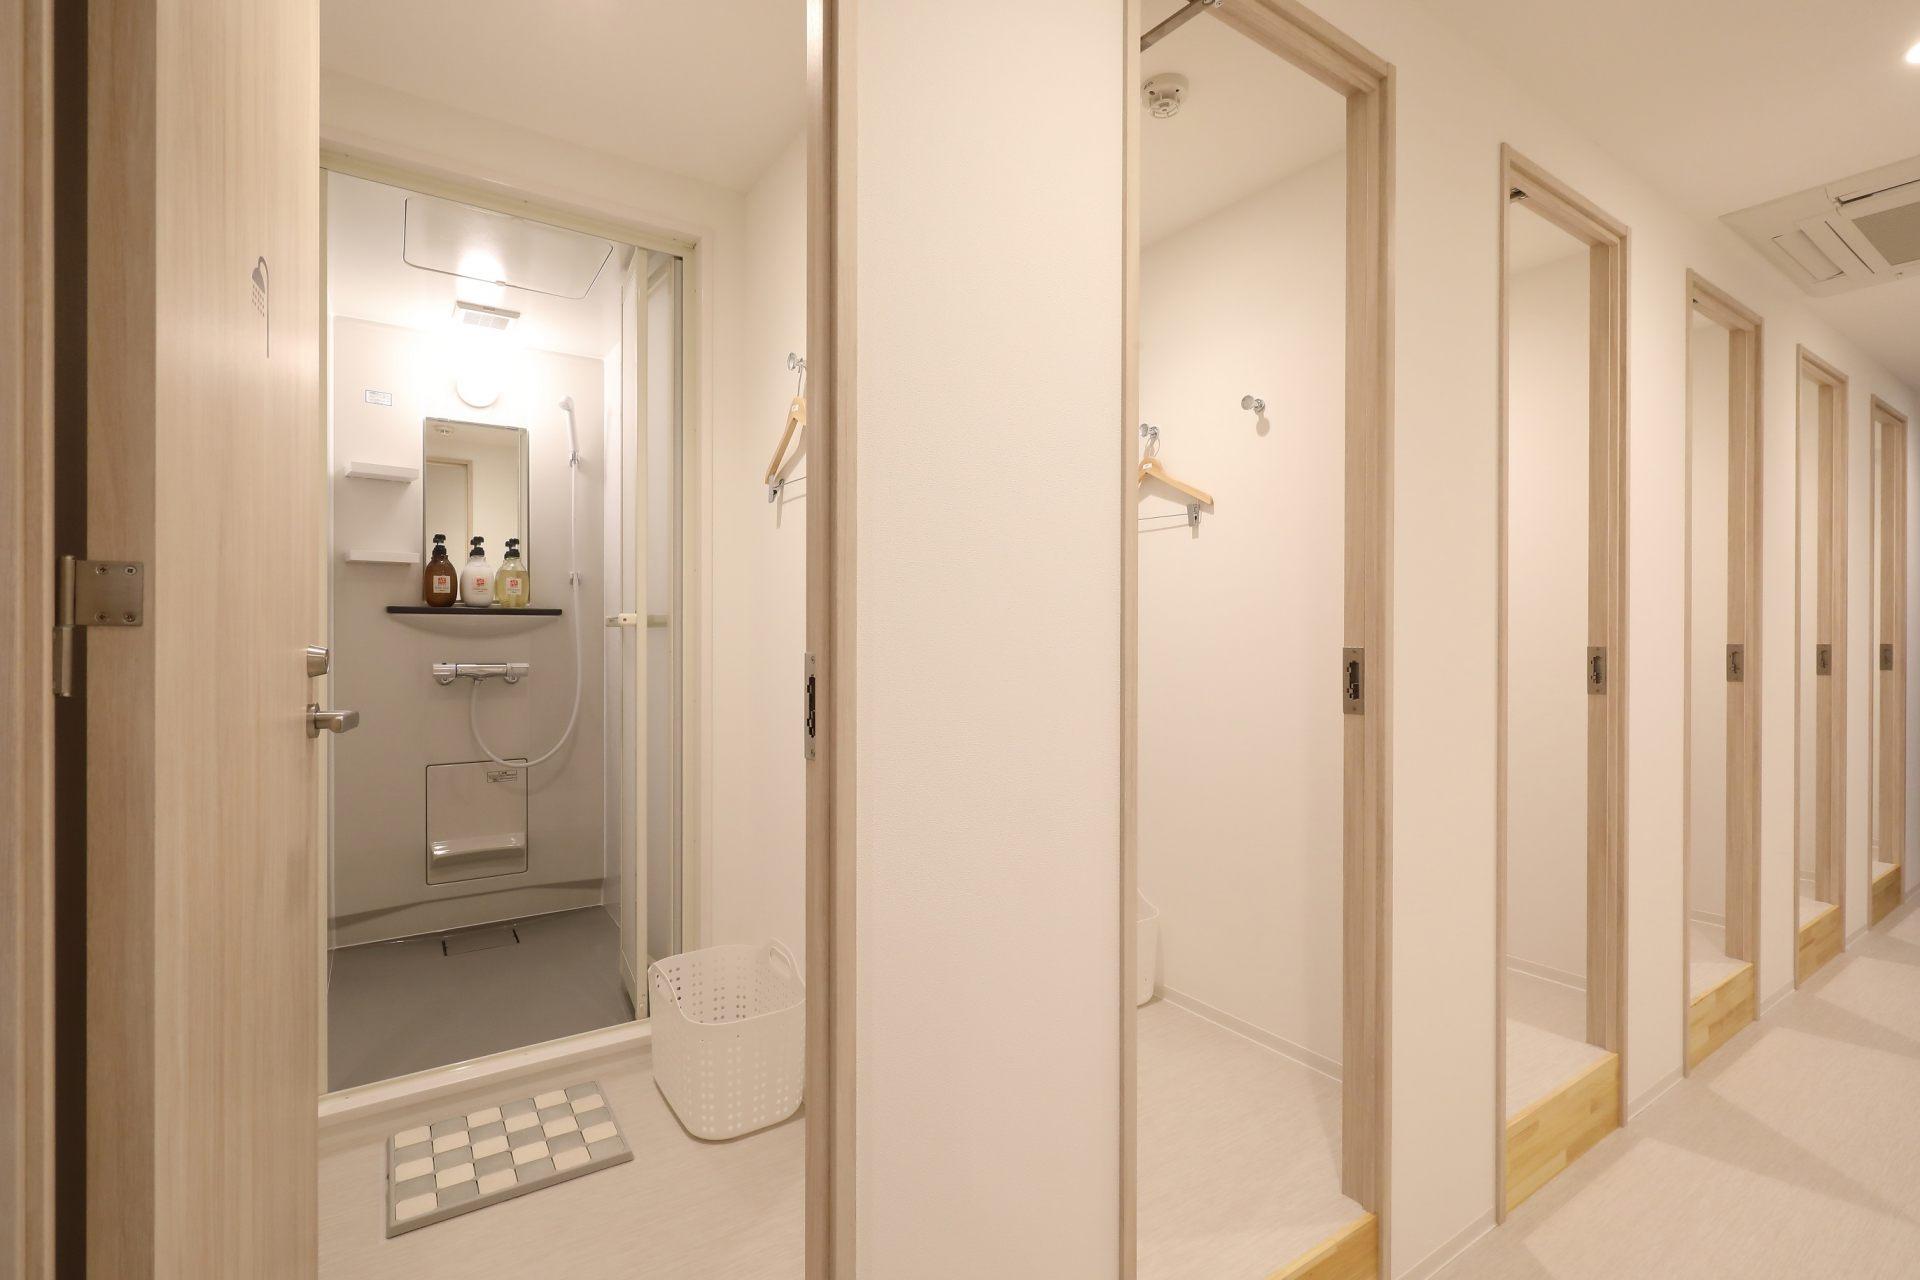 寬敞的淋浴間有附洗髮乳、潤髮乳和沐浴乳